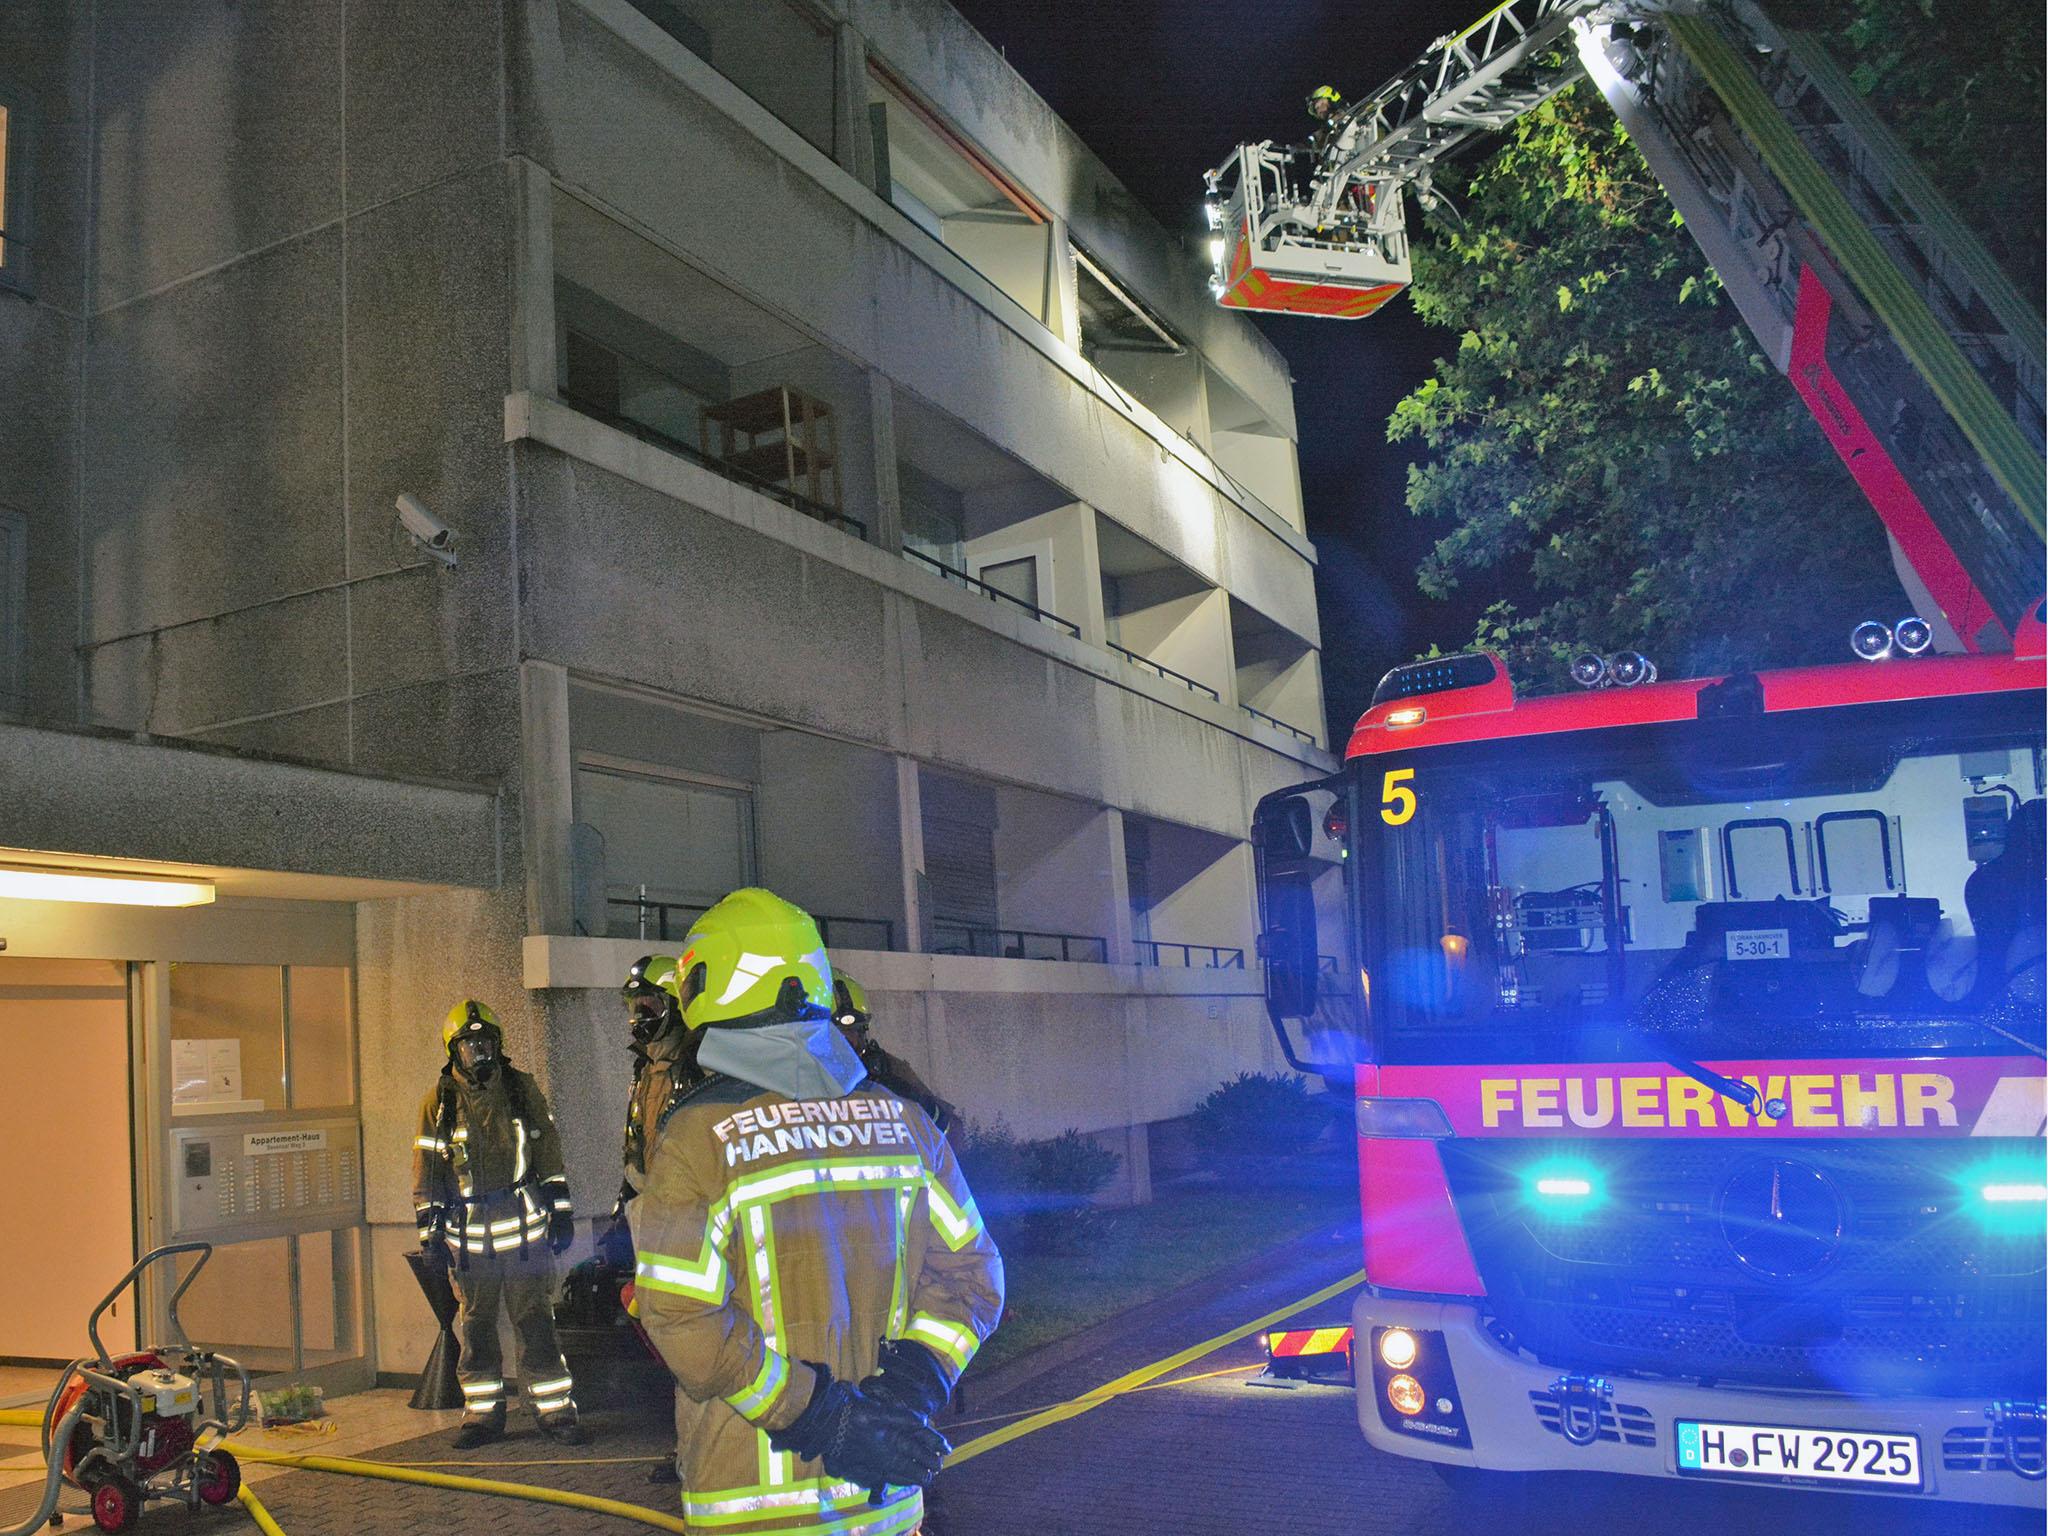 Frau bei Wohnungsbrand schwer verletzt